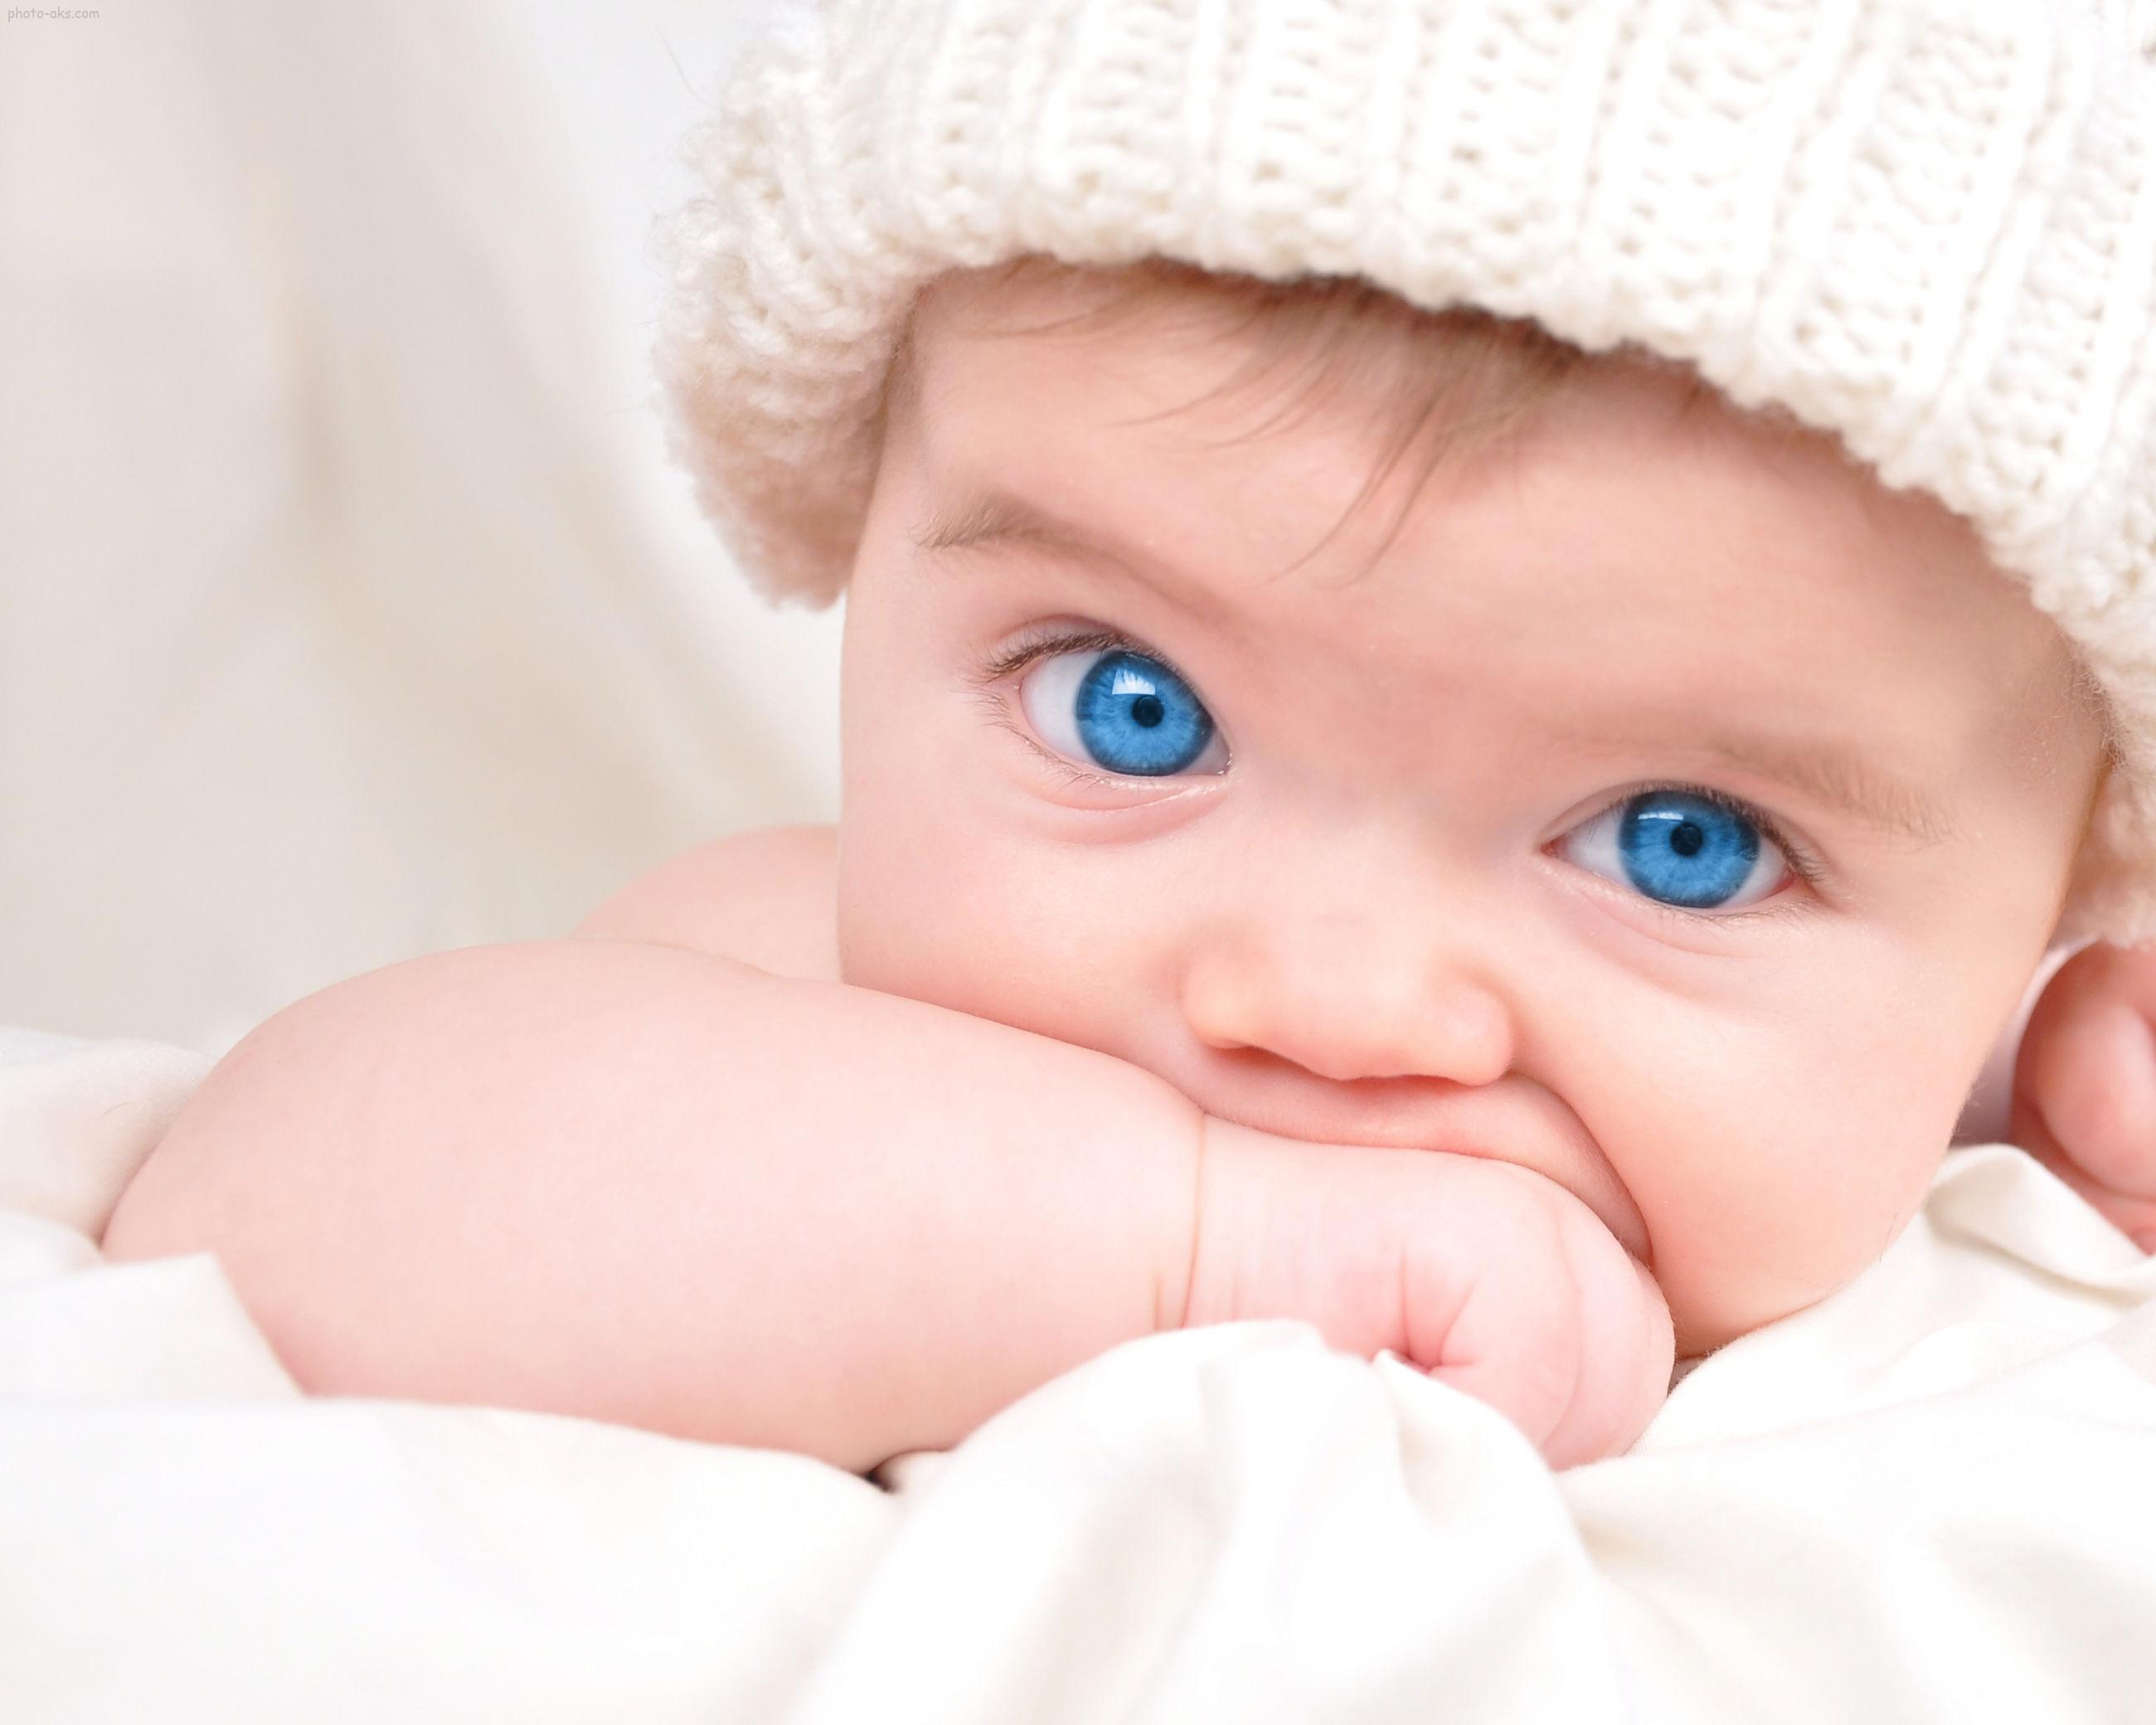 عکس های زیبا کودکان